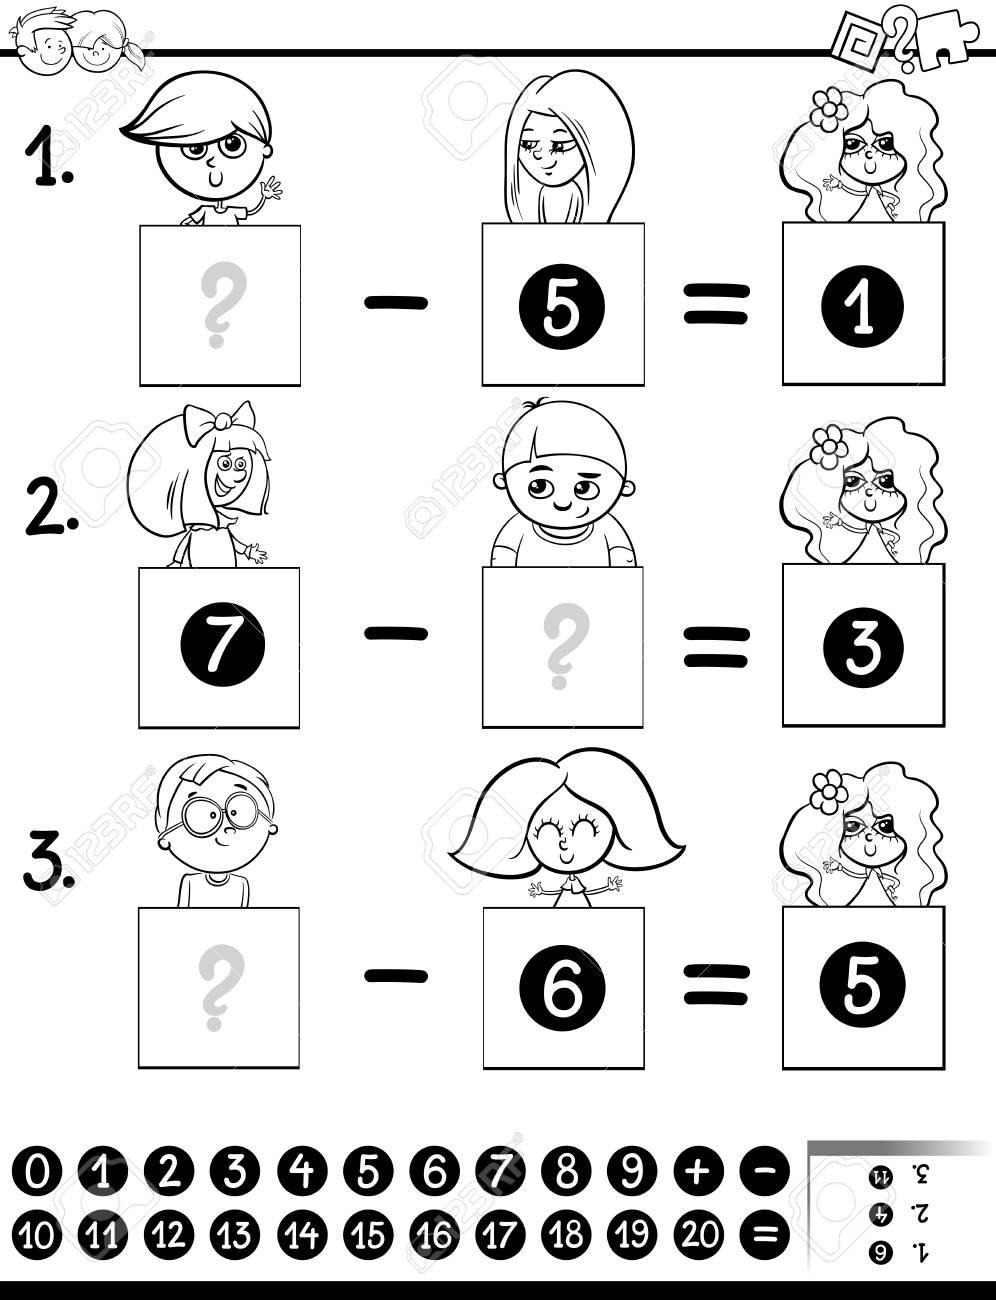 Dibujos Animados En Blanco Y Negro Ilustracion De Juego Educativo